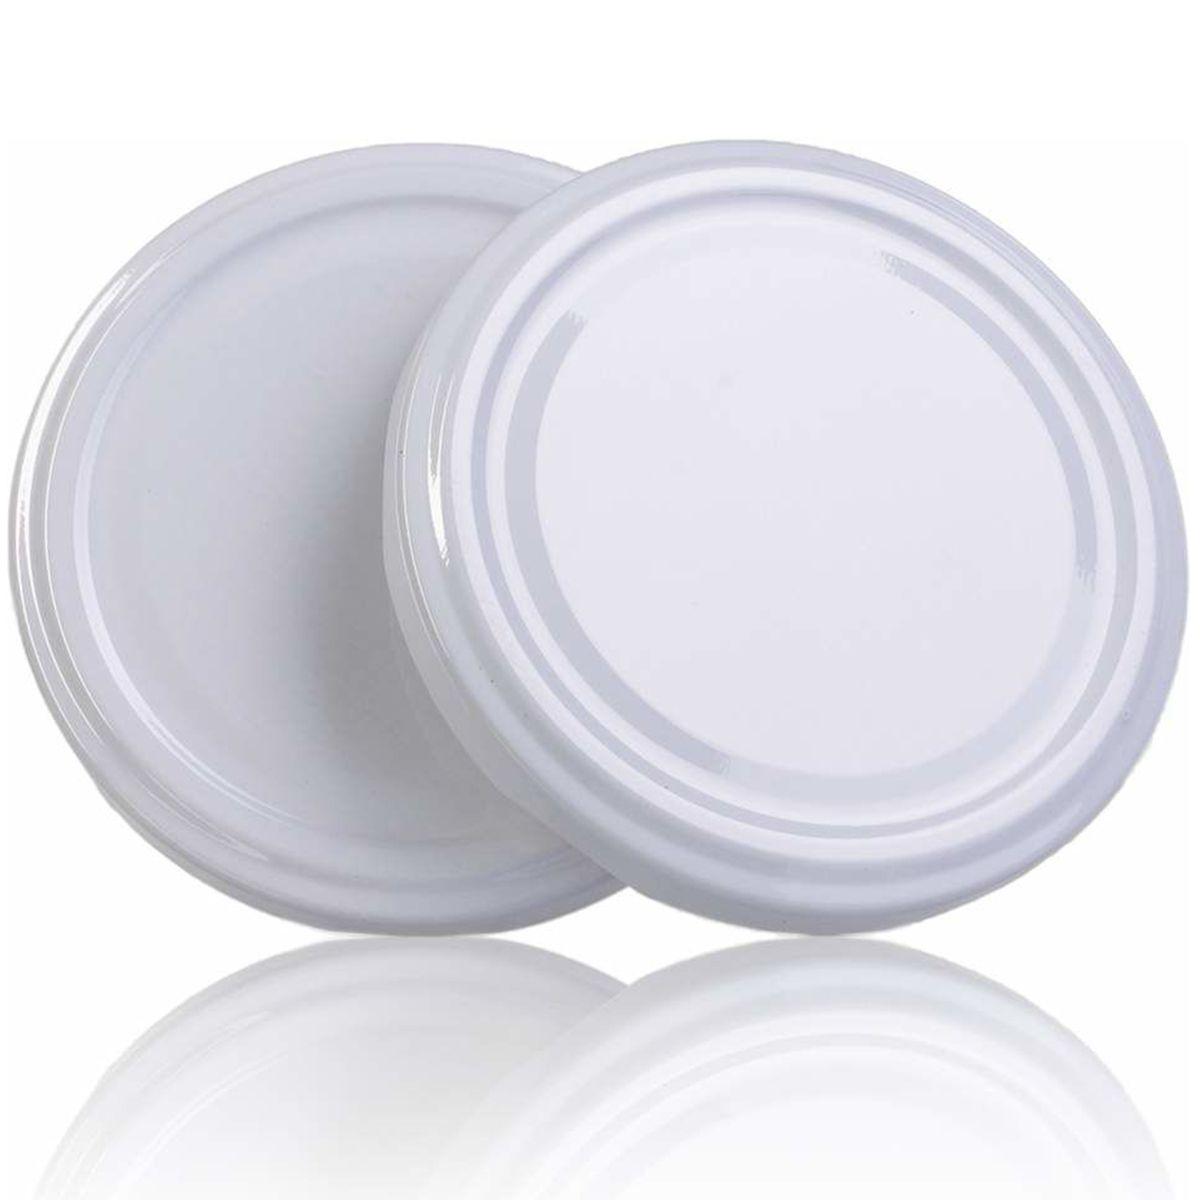 12 Potes De Vidro Conserva 200 Ml Com Tampa Branca + Lacre  - EMPÓRIO PACK